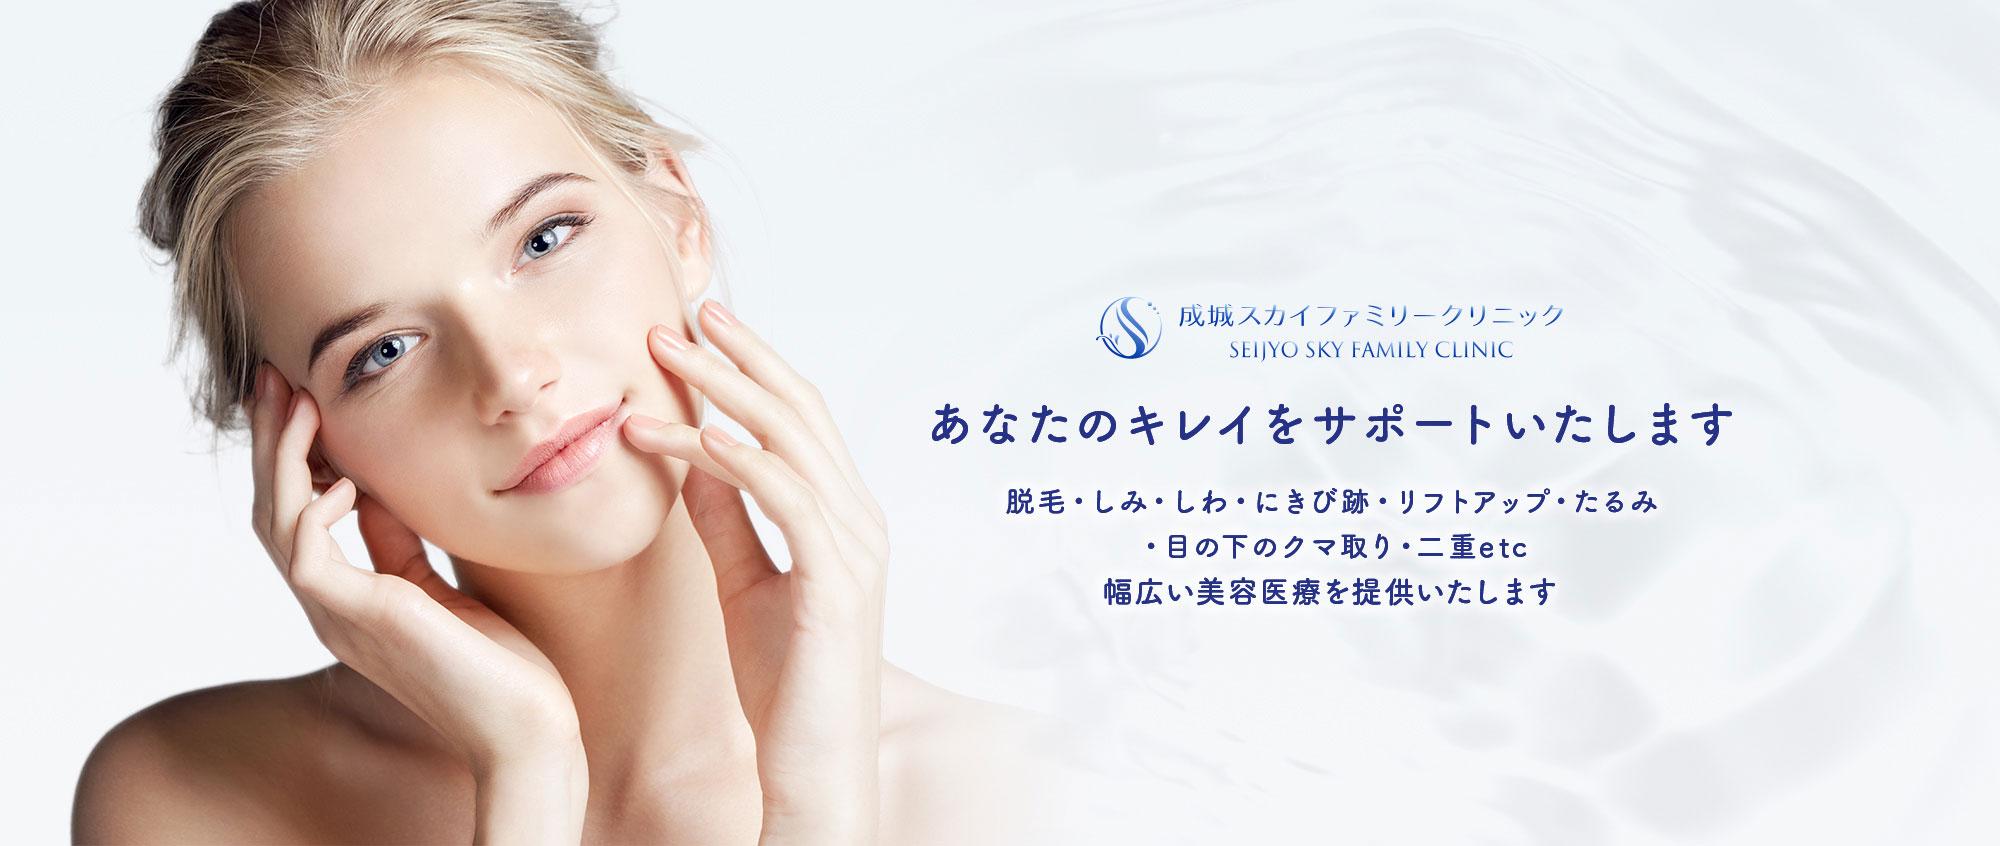 あなたのキレイをサポートいたします。しみ・しわ・たるみ・ニキビ跡・二重術、幅広い美容医療を提供いたします。